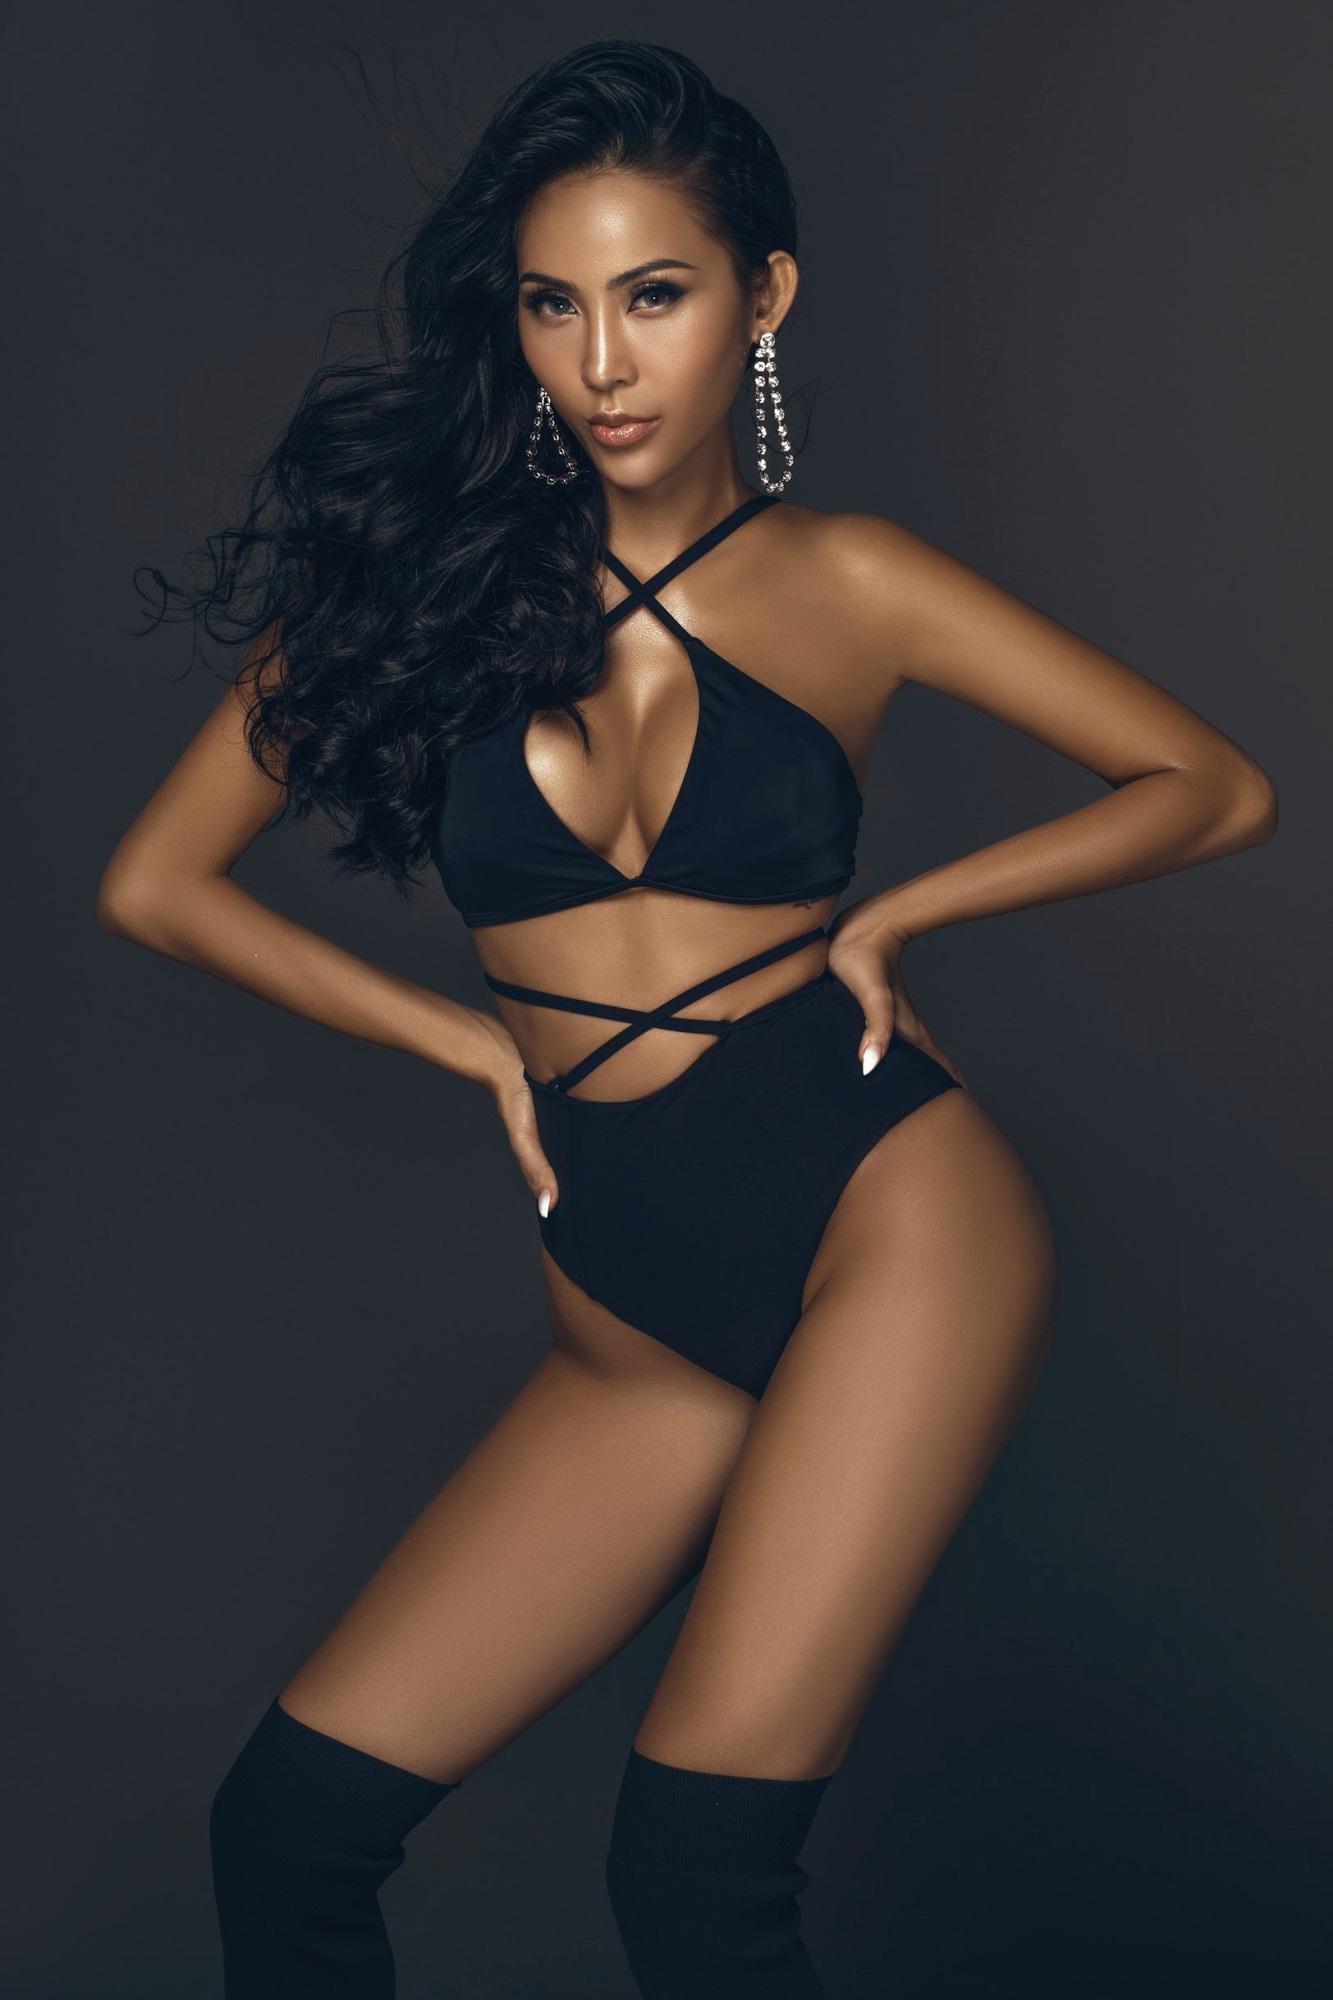 Chân dài Trương Hằng khoe trọn 'đường con nhức mắt' trong bộ hình bikini nóng bỏng - Ảnh 6